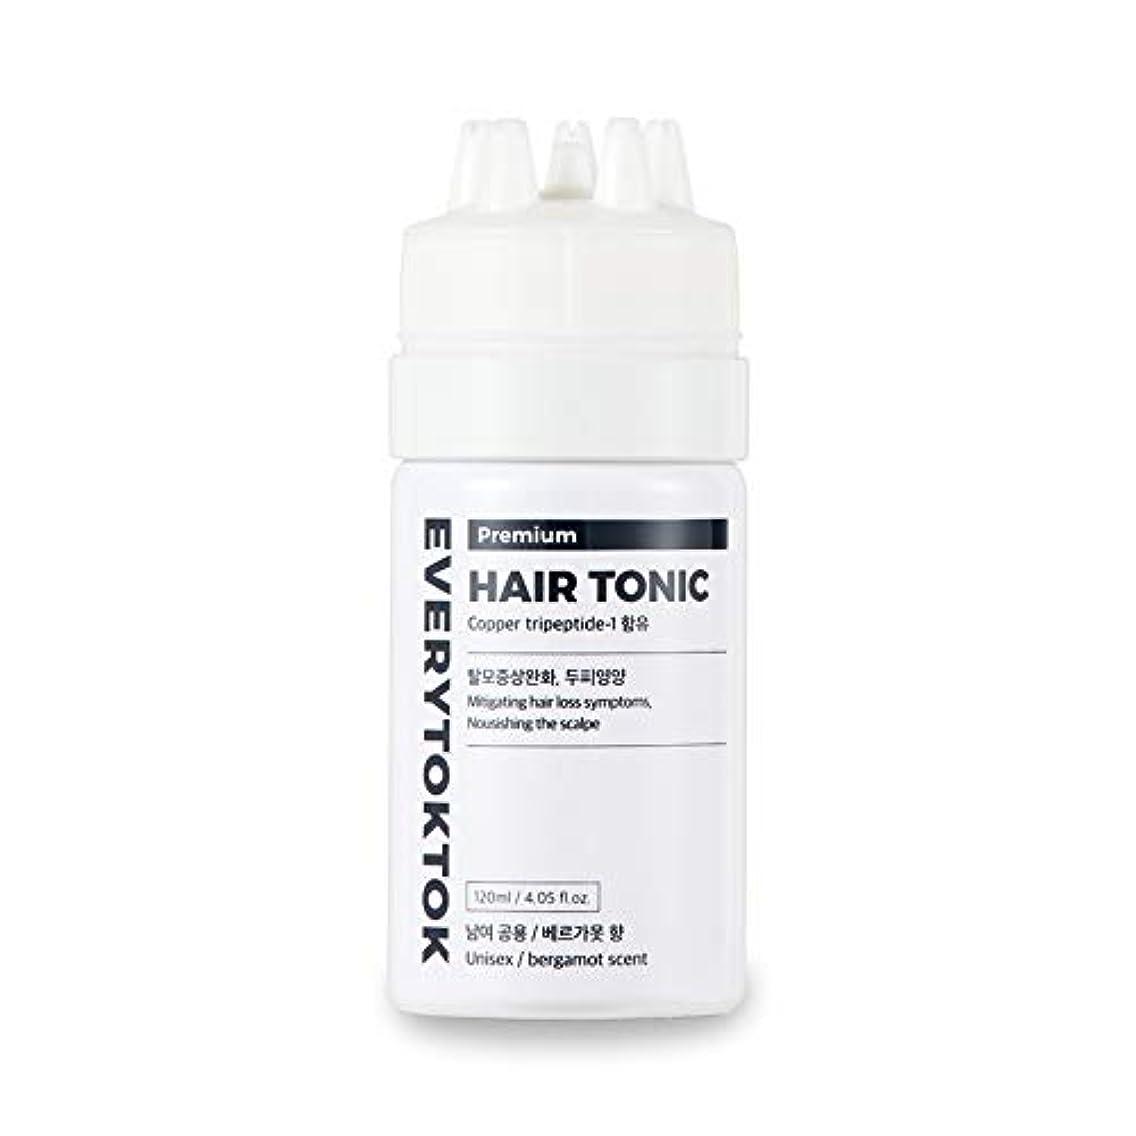 アイザック欠伸苦[Every TokTok] プレミアムヘアトニック - 頭皮エッセンス、育毛セラム、髪の根、髪の成長、4.05 fl oz、 韓国 ヘアトリートメント